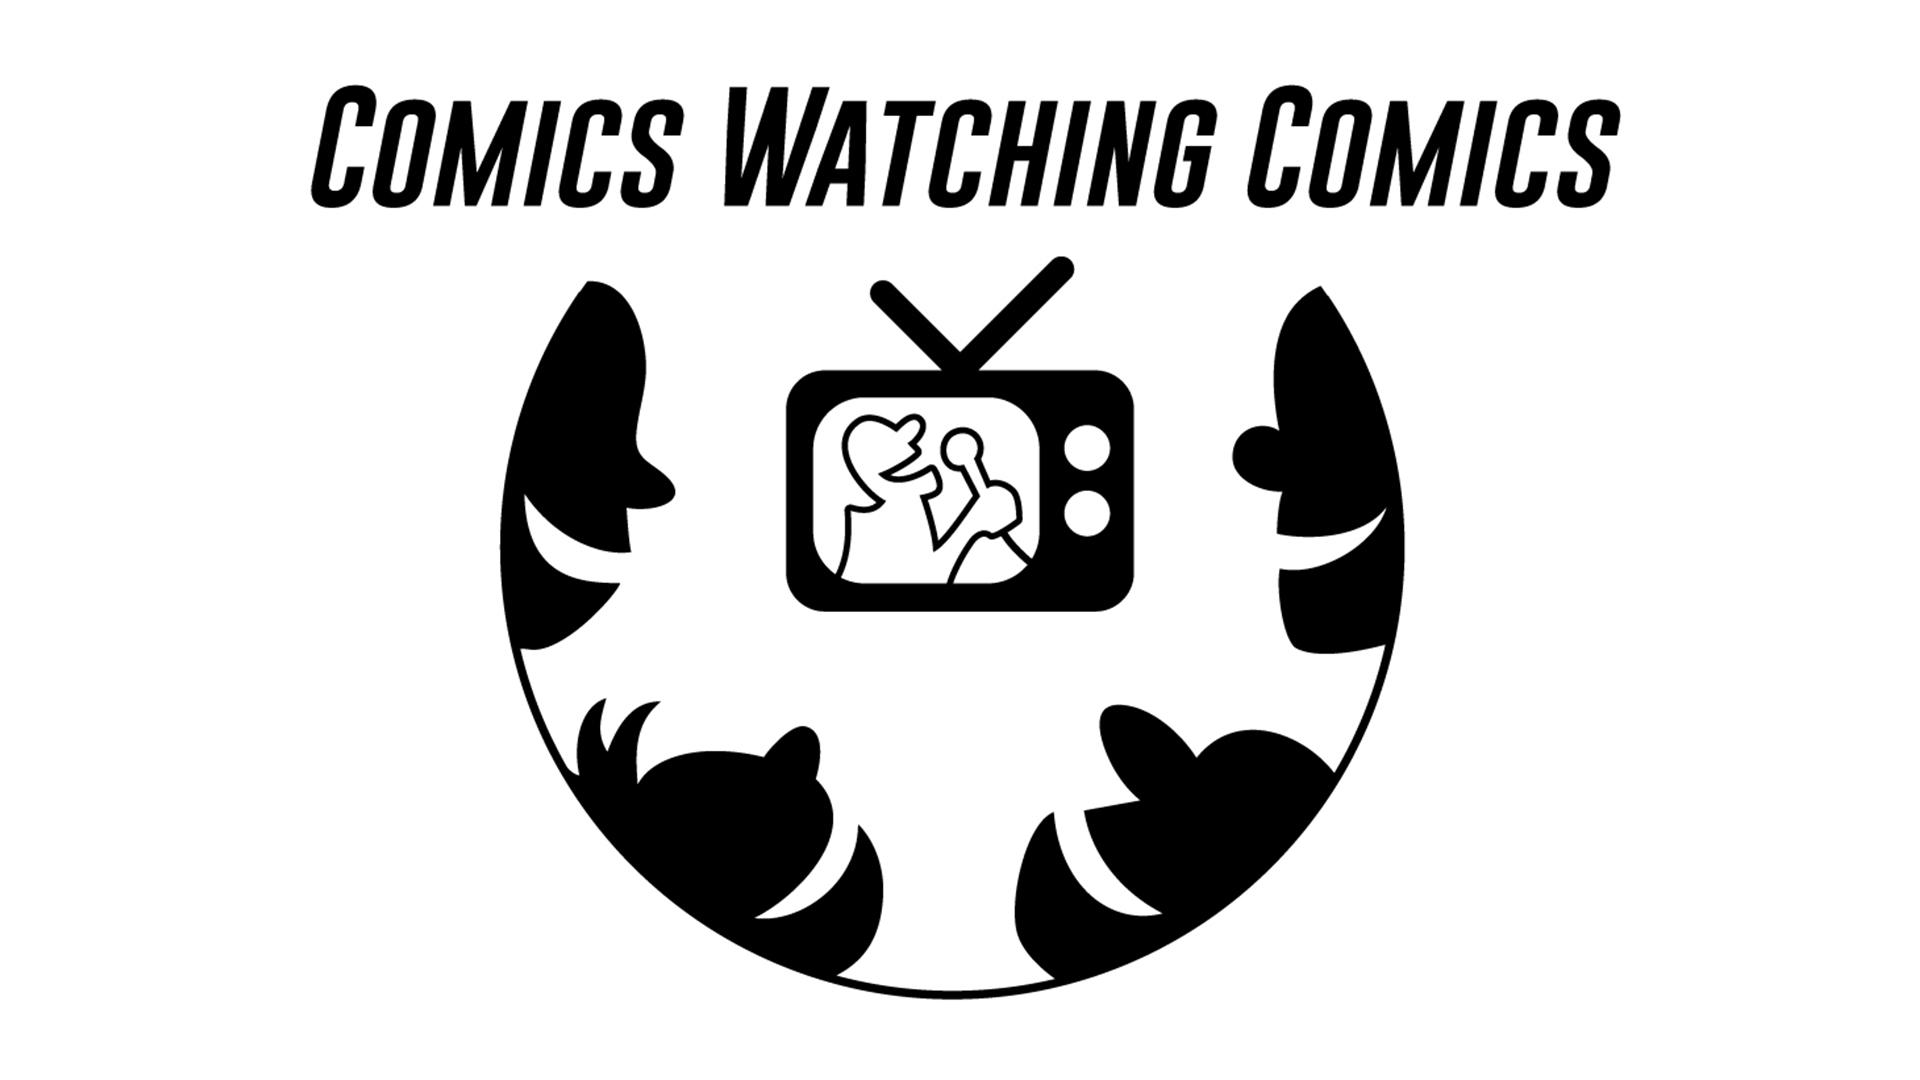 Comics Watching Comics